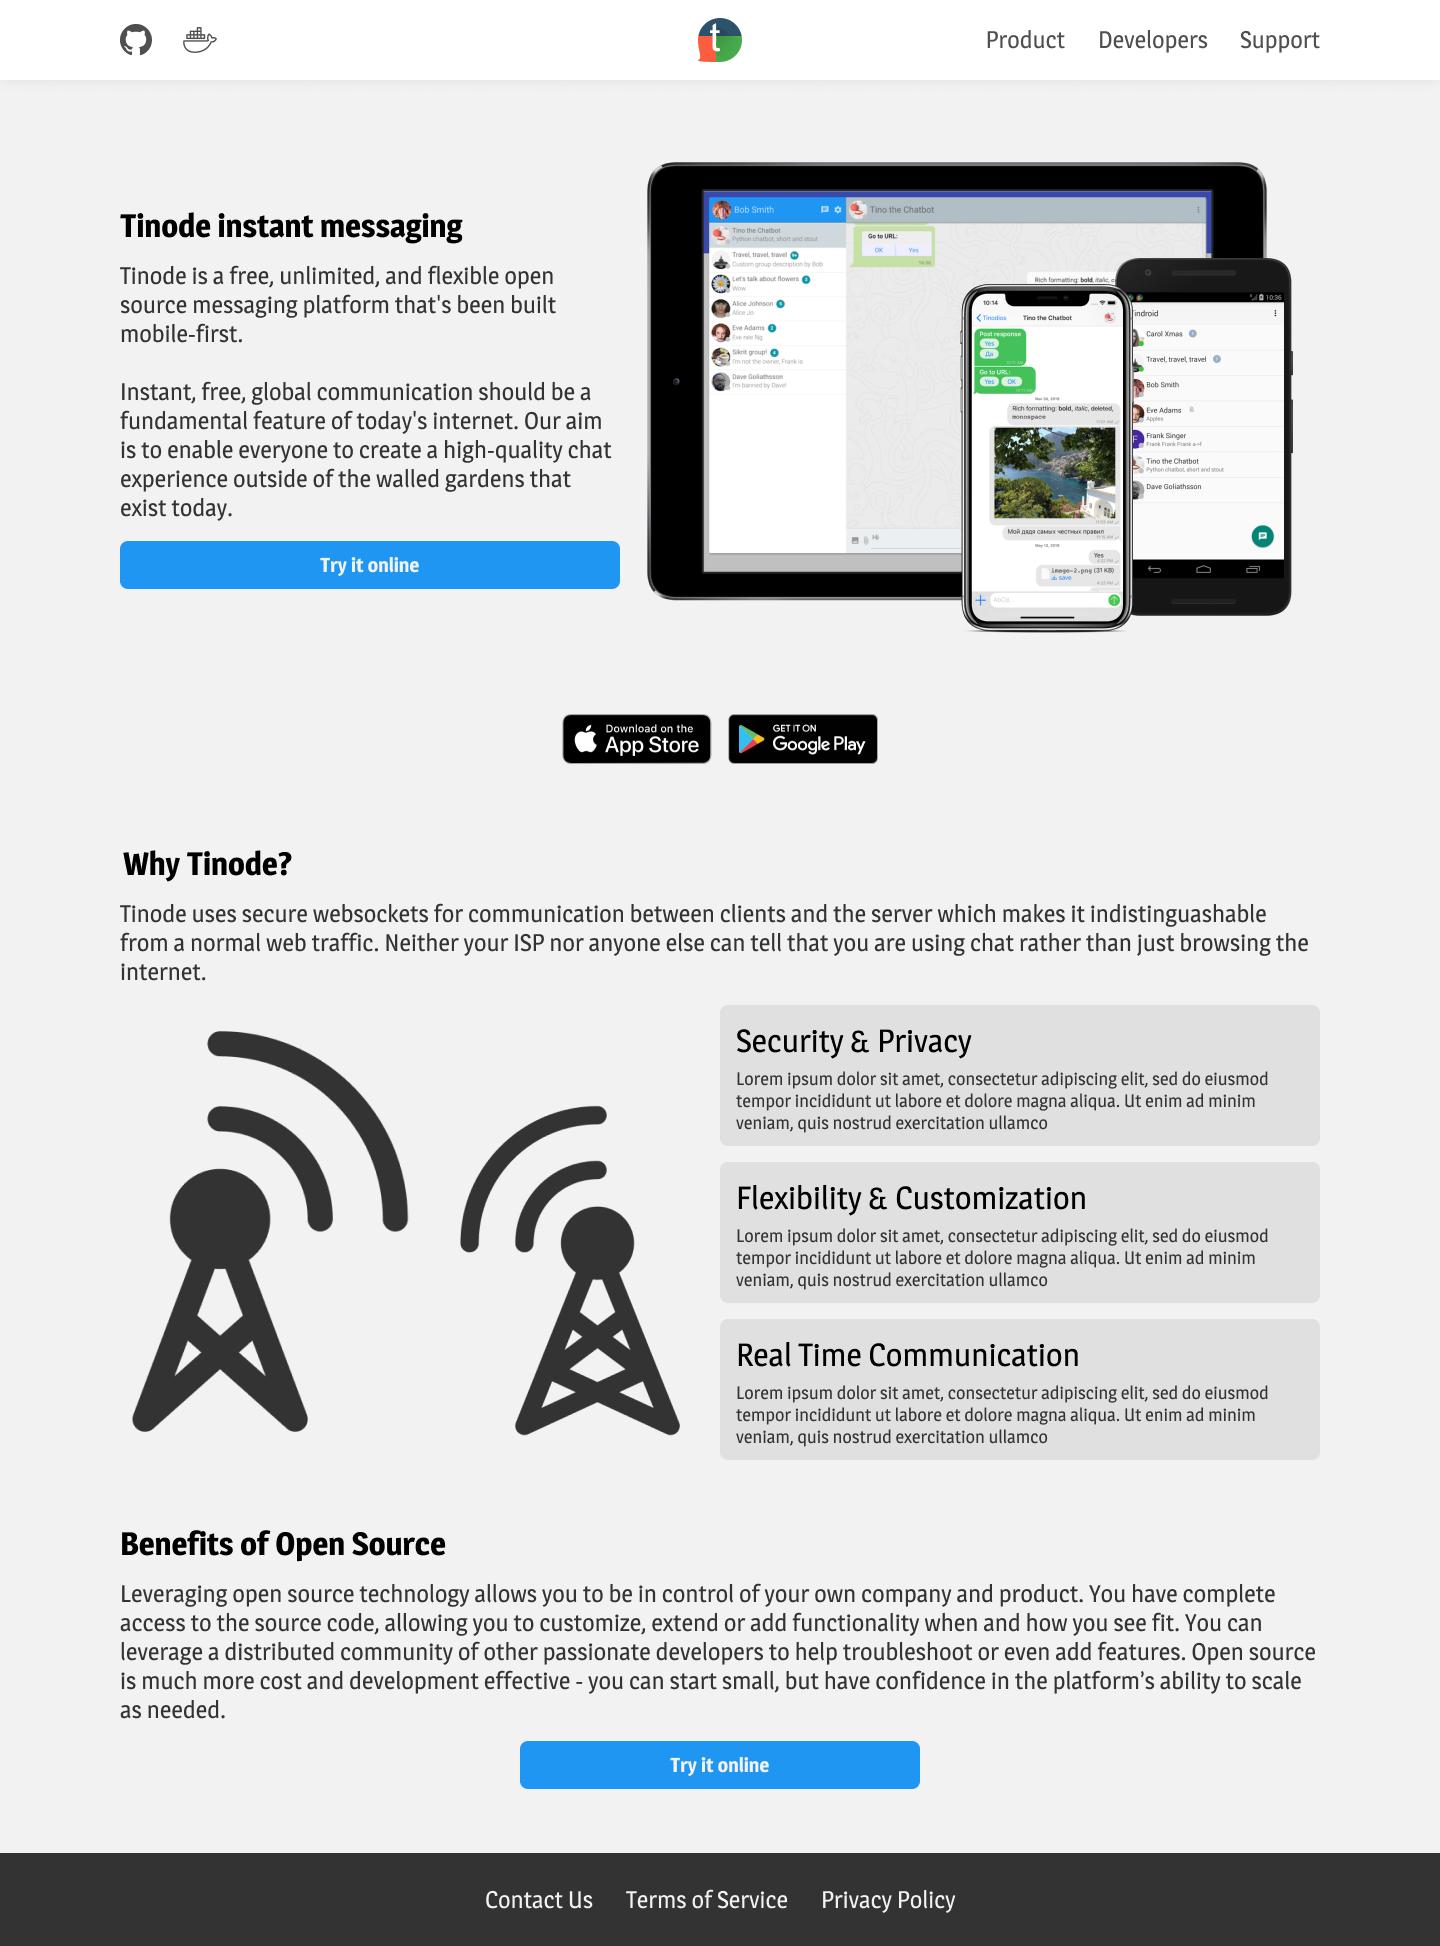 Дизайн сайта tinode.co фото f_1815d6d569f1eab1.png